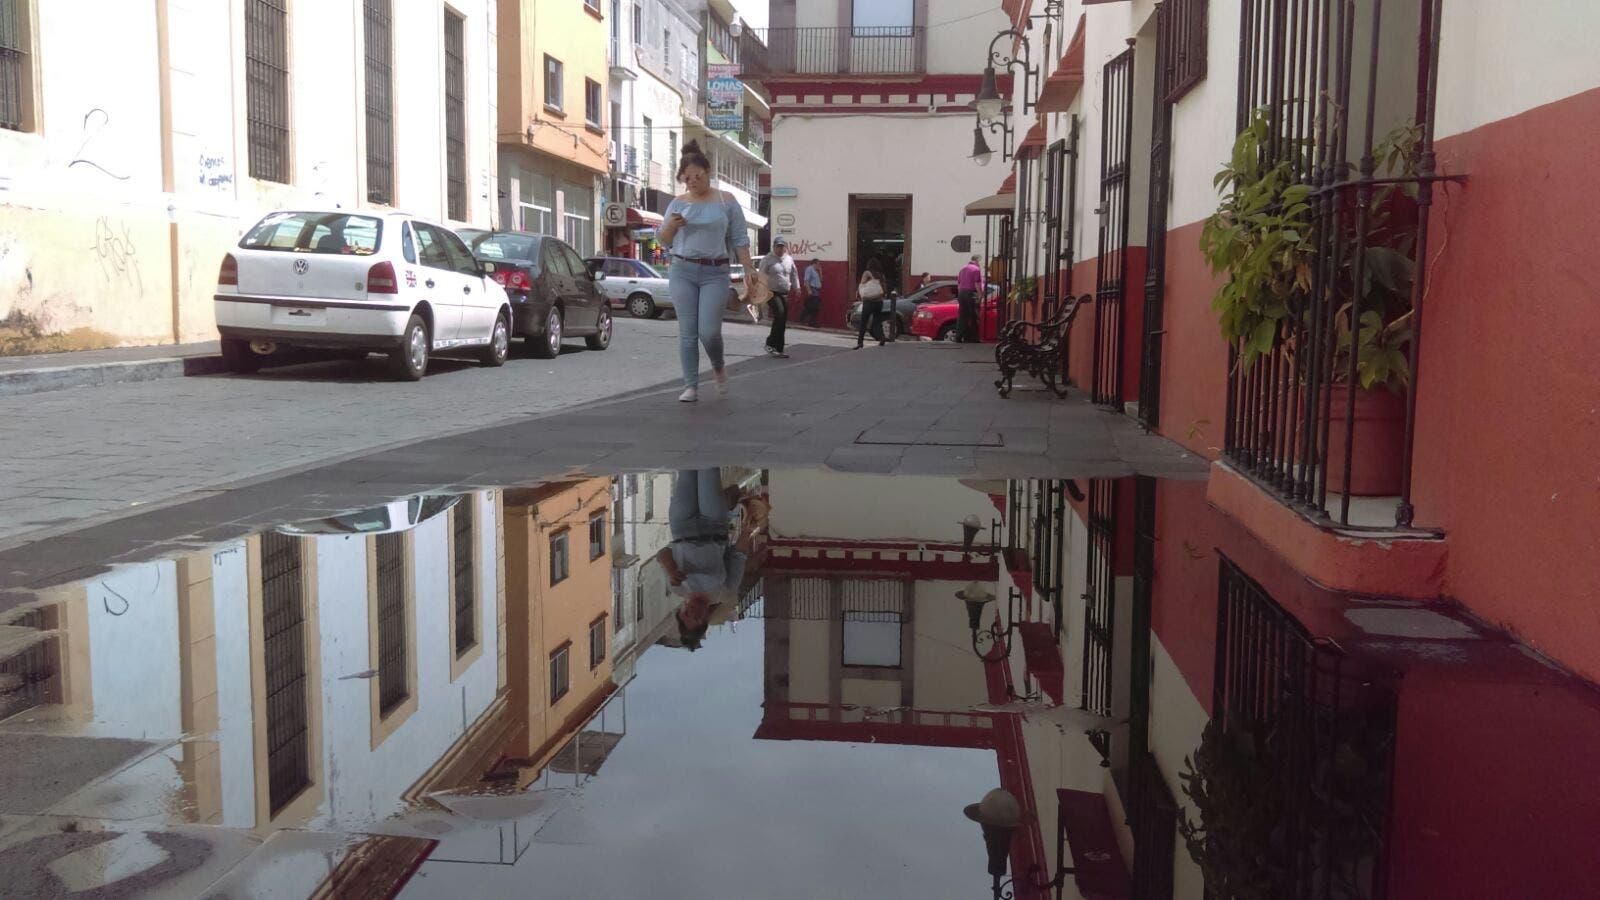 Deja 'Beatriz' 5 muertos, calles y casas dañadas, en Oaxaca